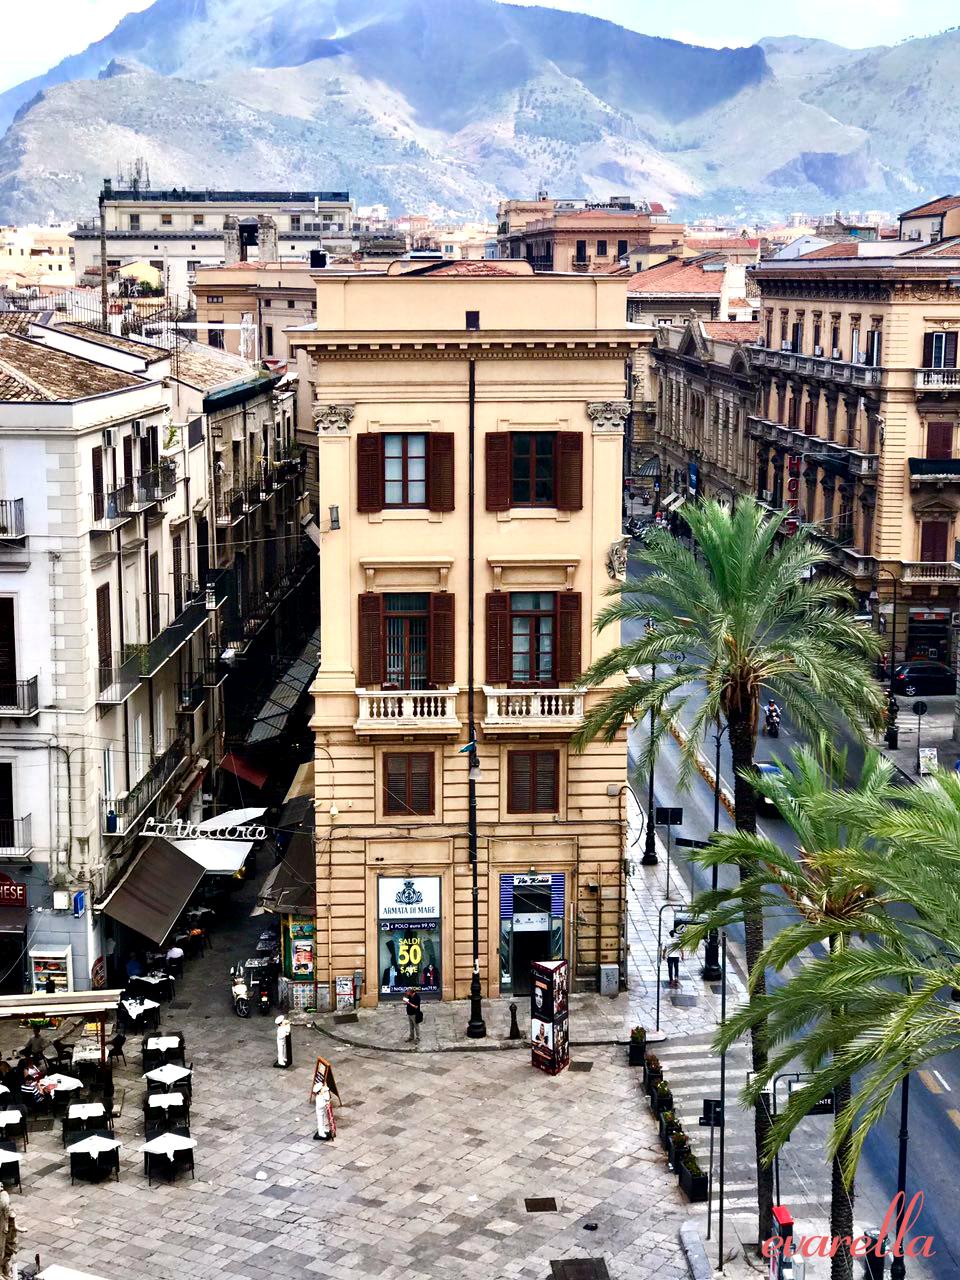 Blick auf den Eingang in die Vucciria, die Piazza San Domenico und die Via Roma - La Rinascente Palermo